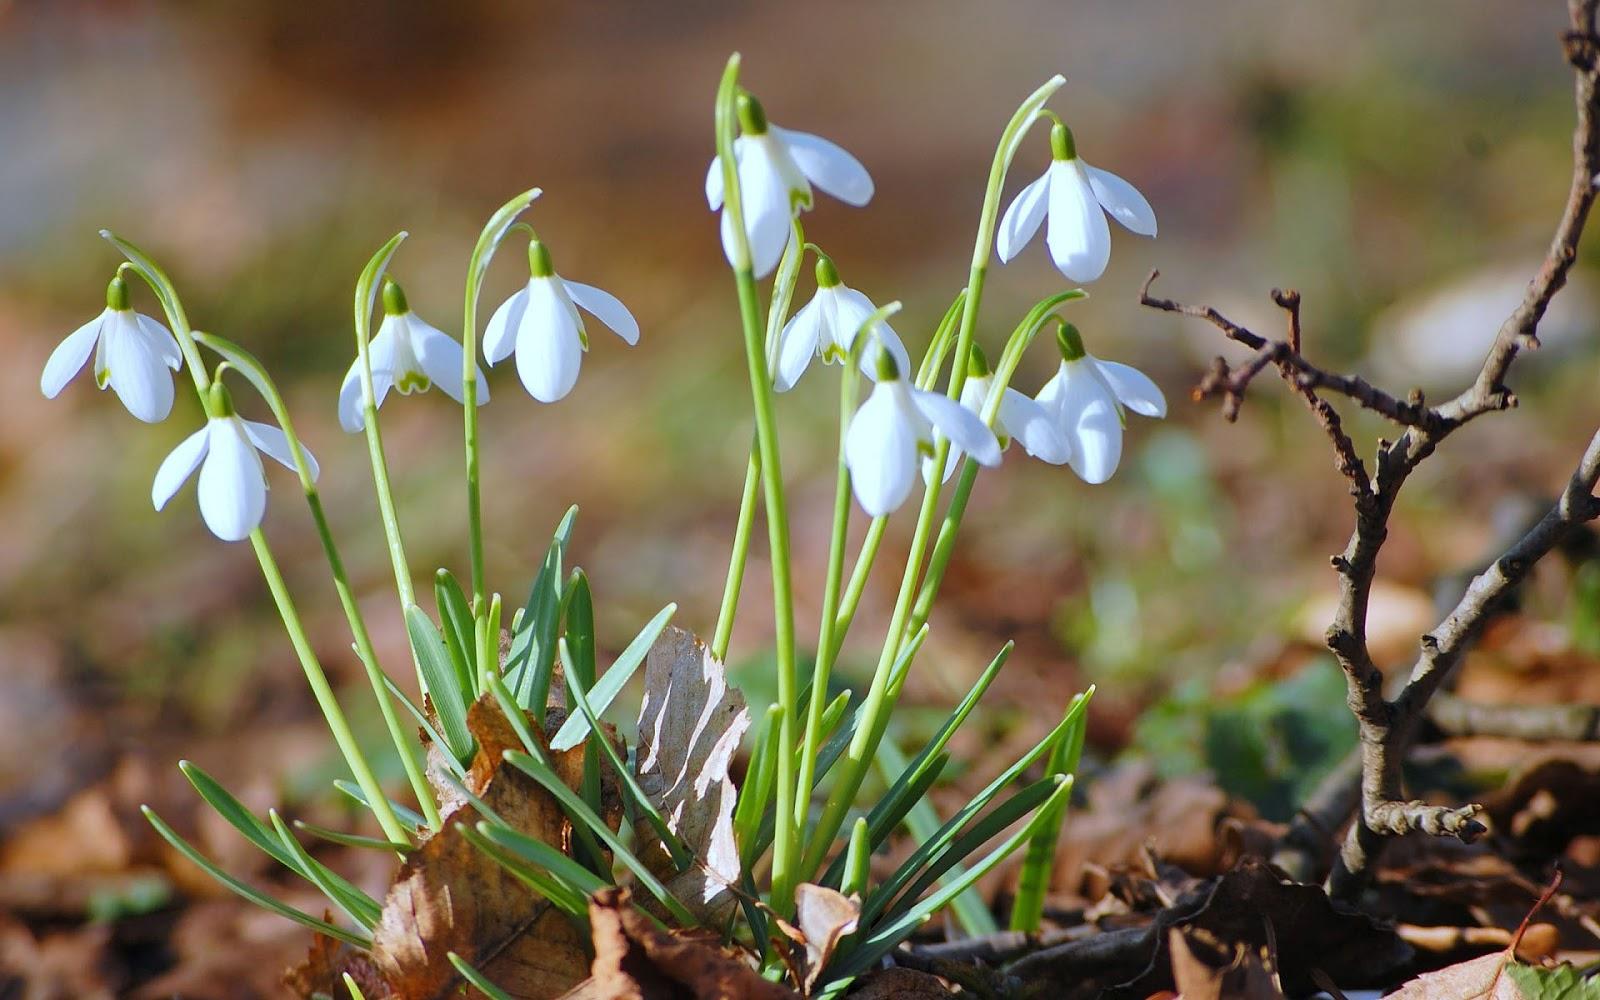 lente achtergronden hd - photo #46